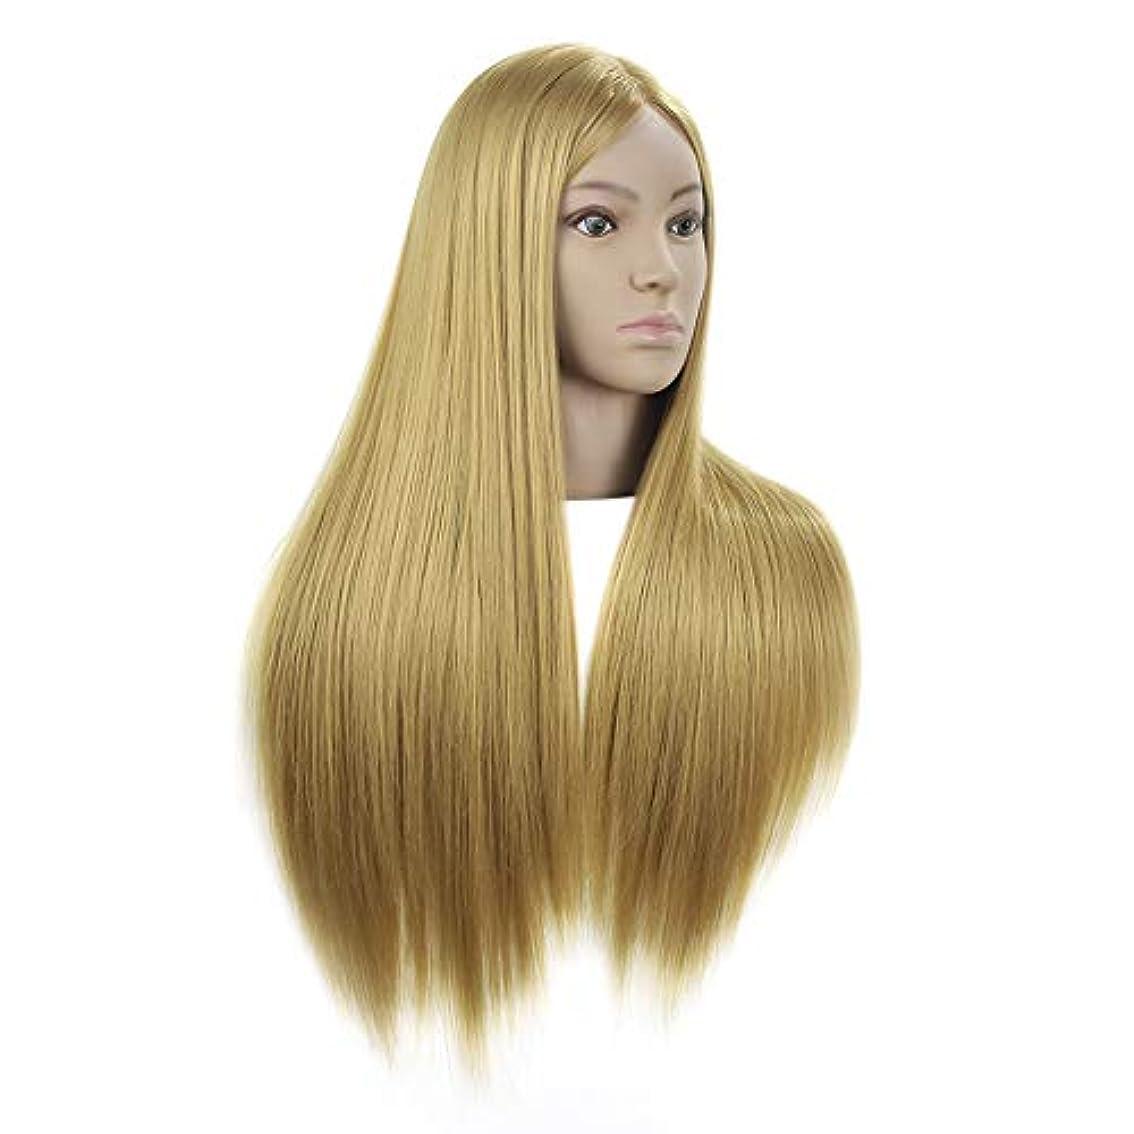 邪悪な復活させる空白リアルヘアスタイリングマネキンヘッド女性ヘッドモデル教育ヘッド理髪店編組ヘア染色学習ダミーヘッド